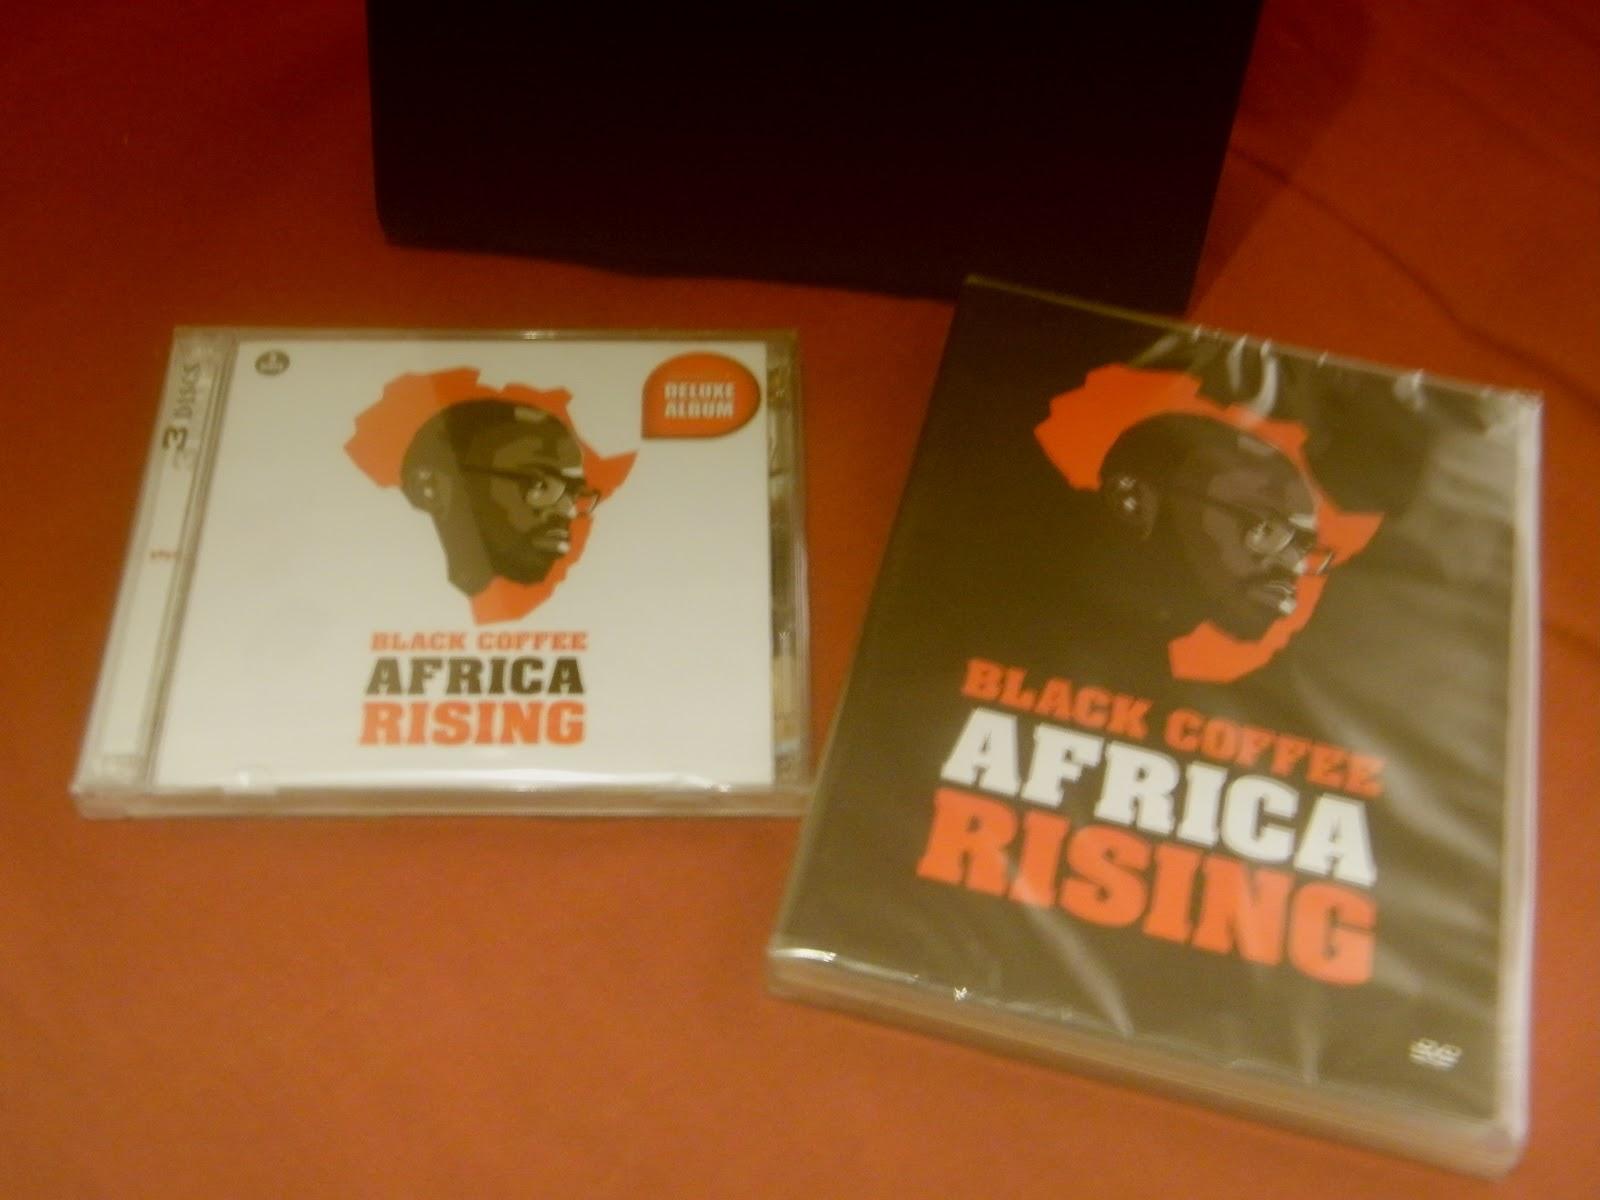 Africa Rising Black Coffee Album